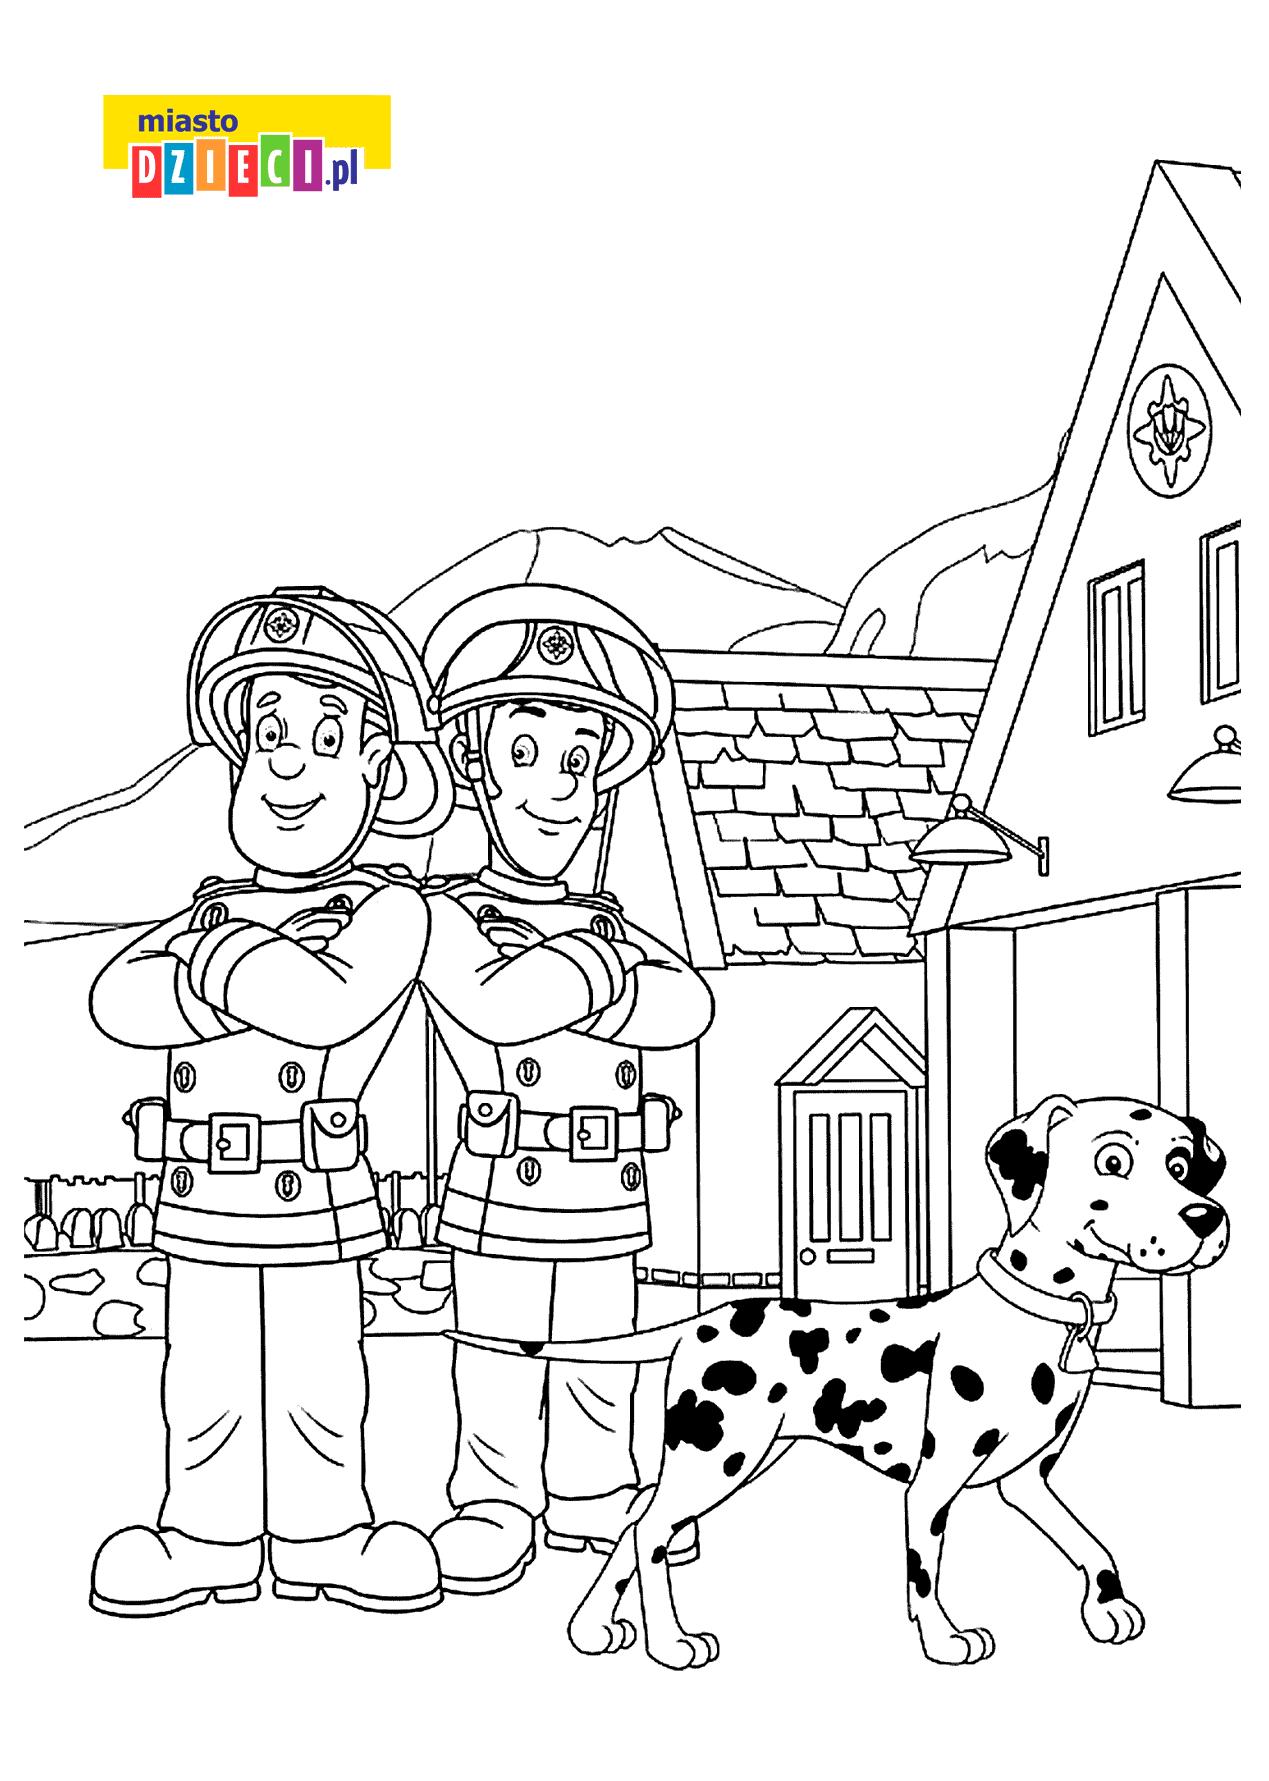 Strażak Sam i jego przyjaciel Elvis Cridlington kolorowanki i szablony do druku dla dzieci MiastoDzieci.pl